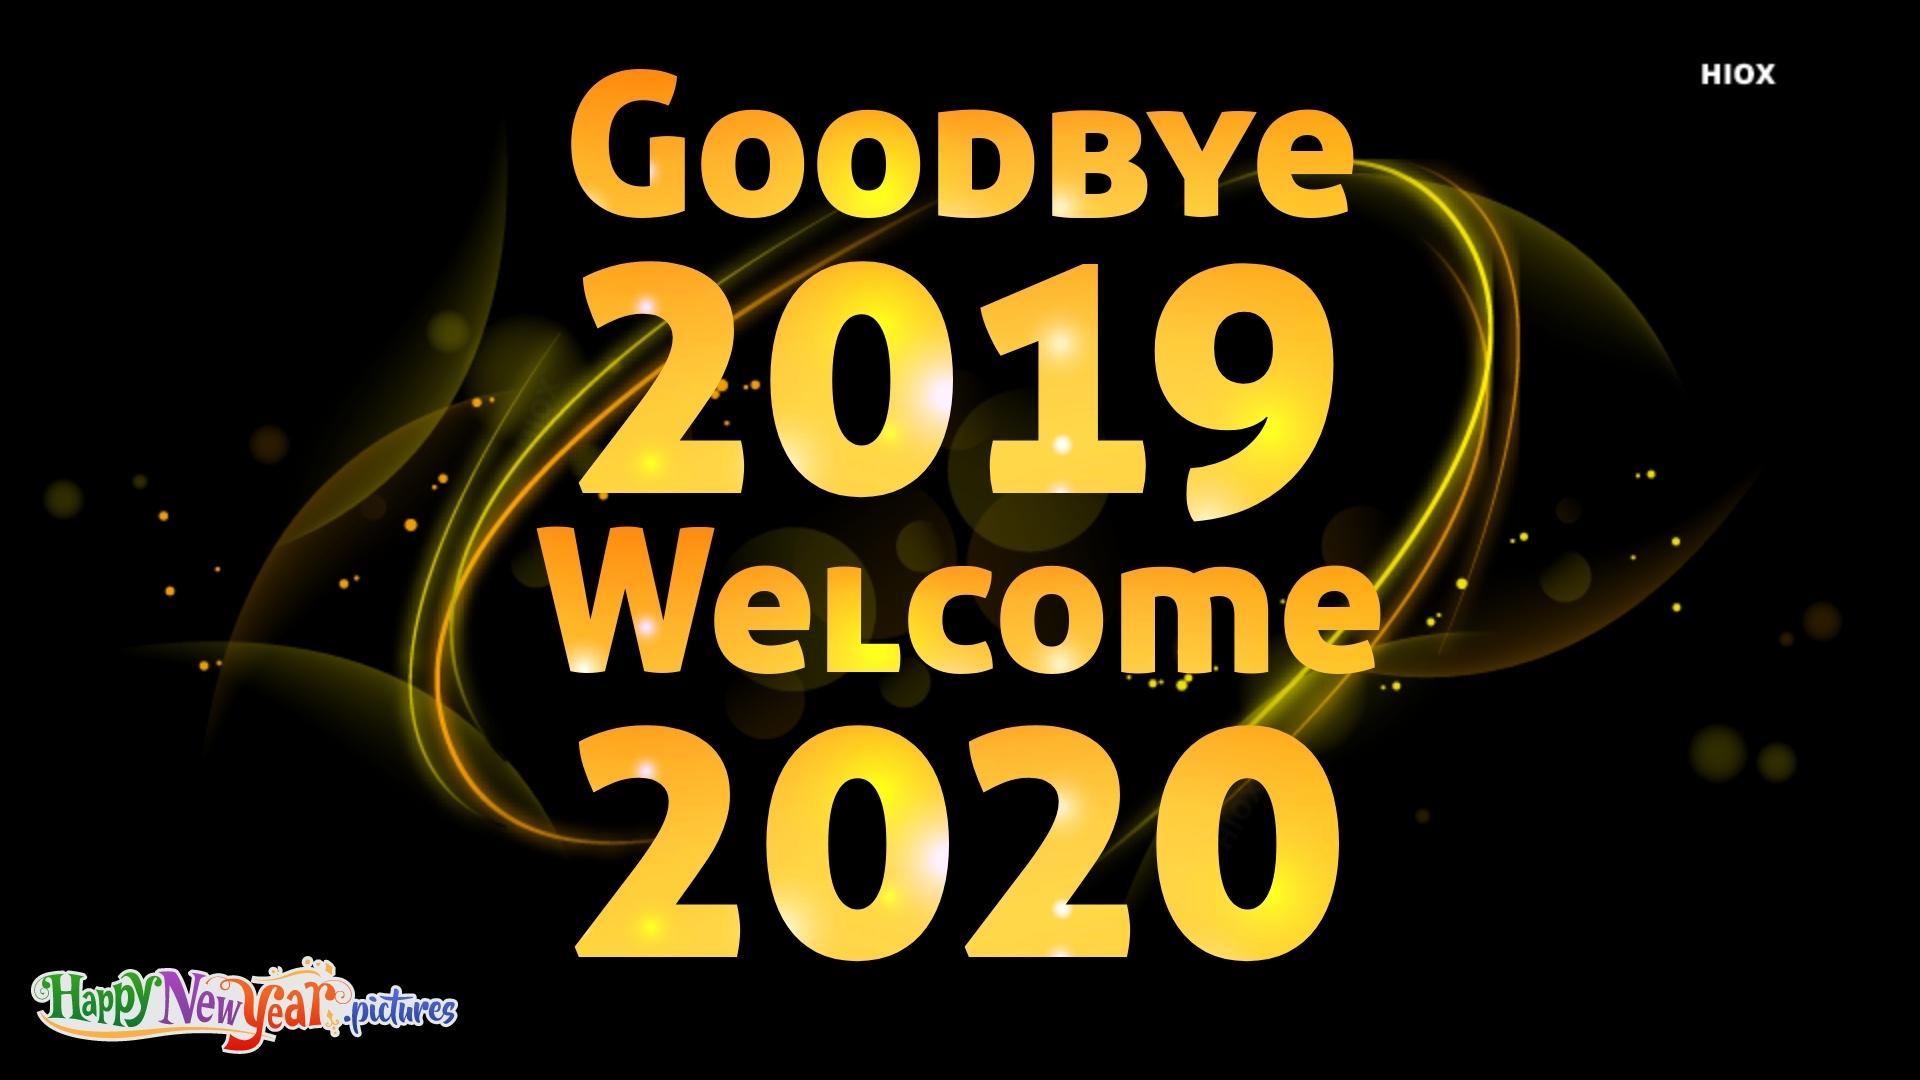 Goodbye 2019 Welcome 2020